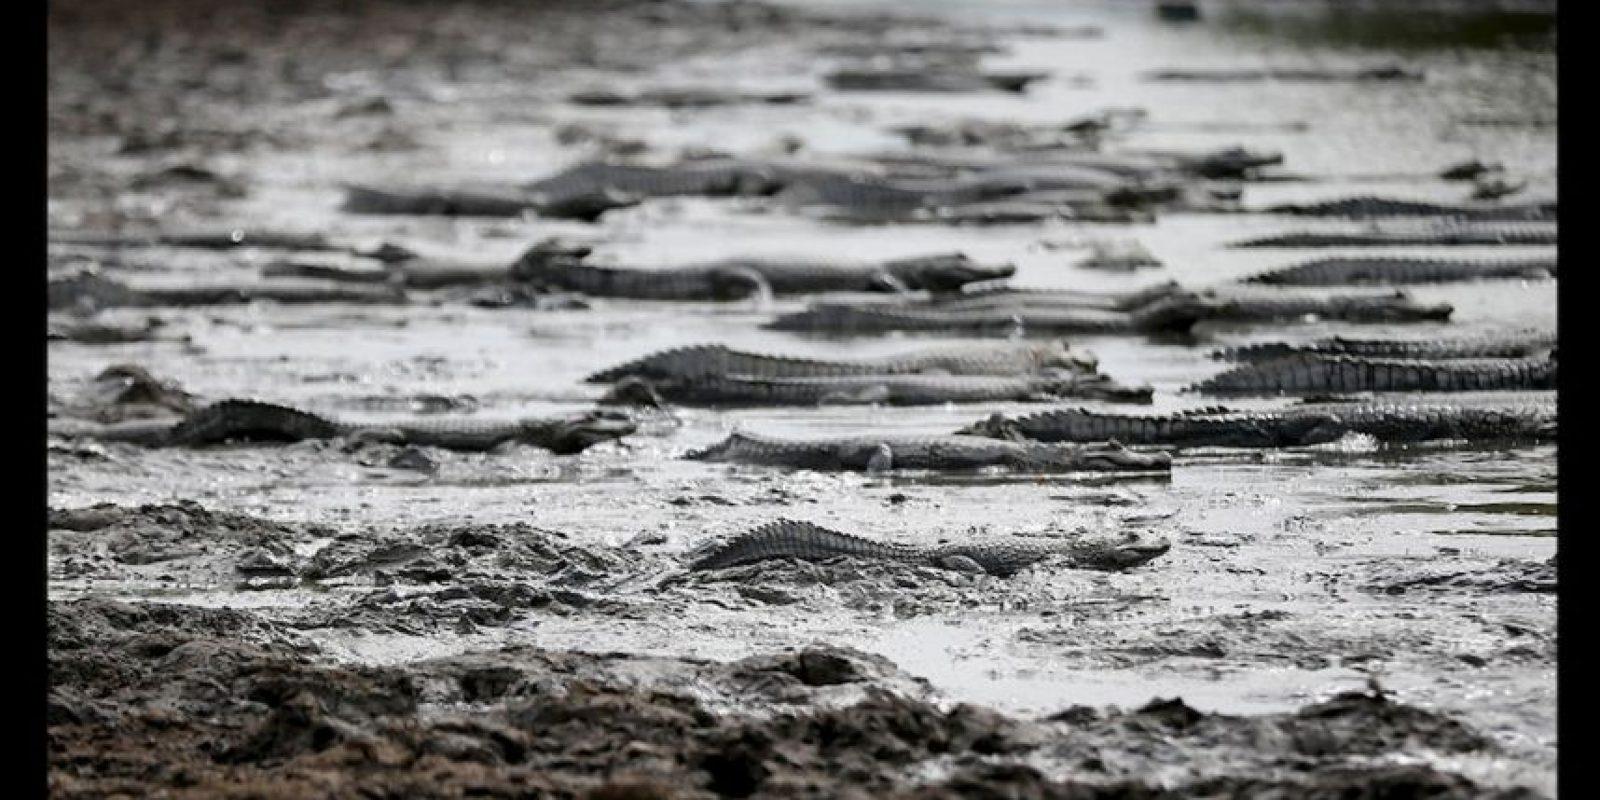 El río Pilcomayo, considerado un santuario para la fauna se está quedando sin agua. Foto:AP